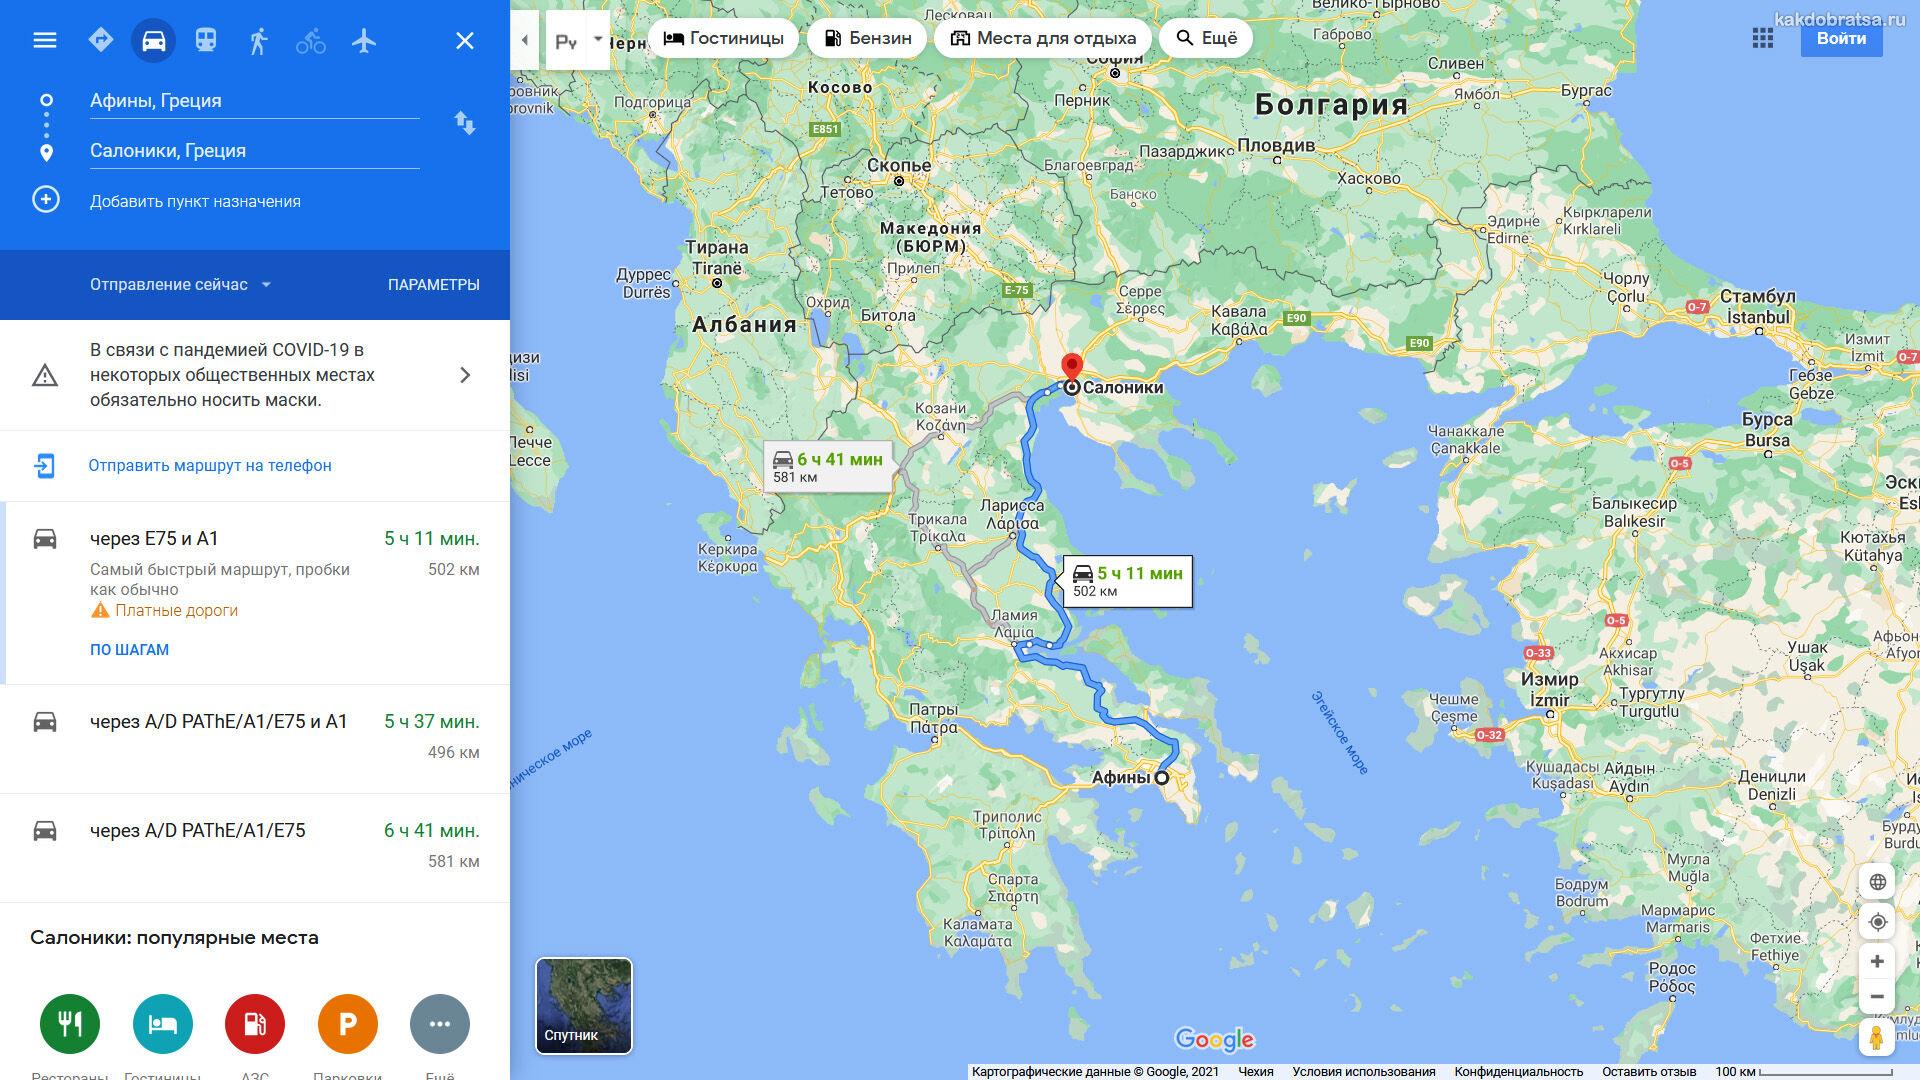 Расстояние Афины Салоники по карте